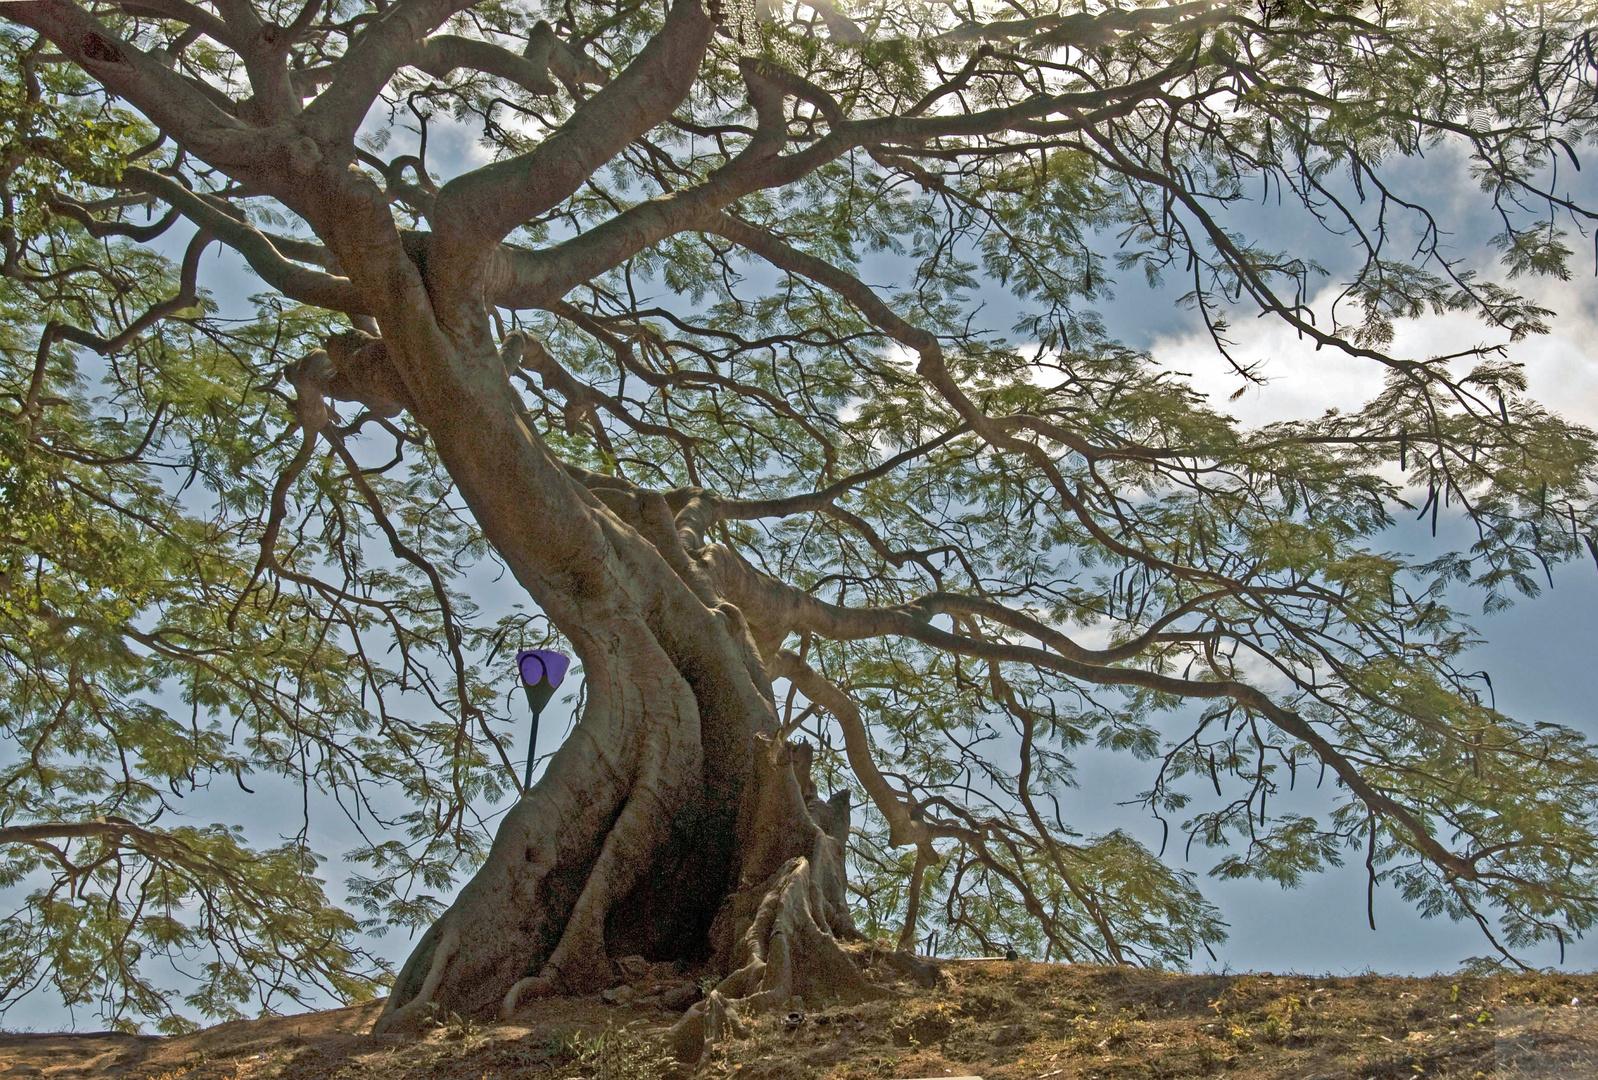 Seidenbaum im Park, Bengaluru, Indien